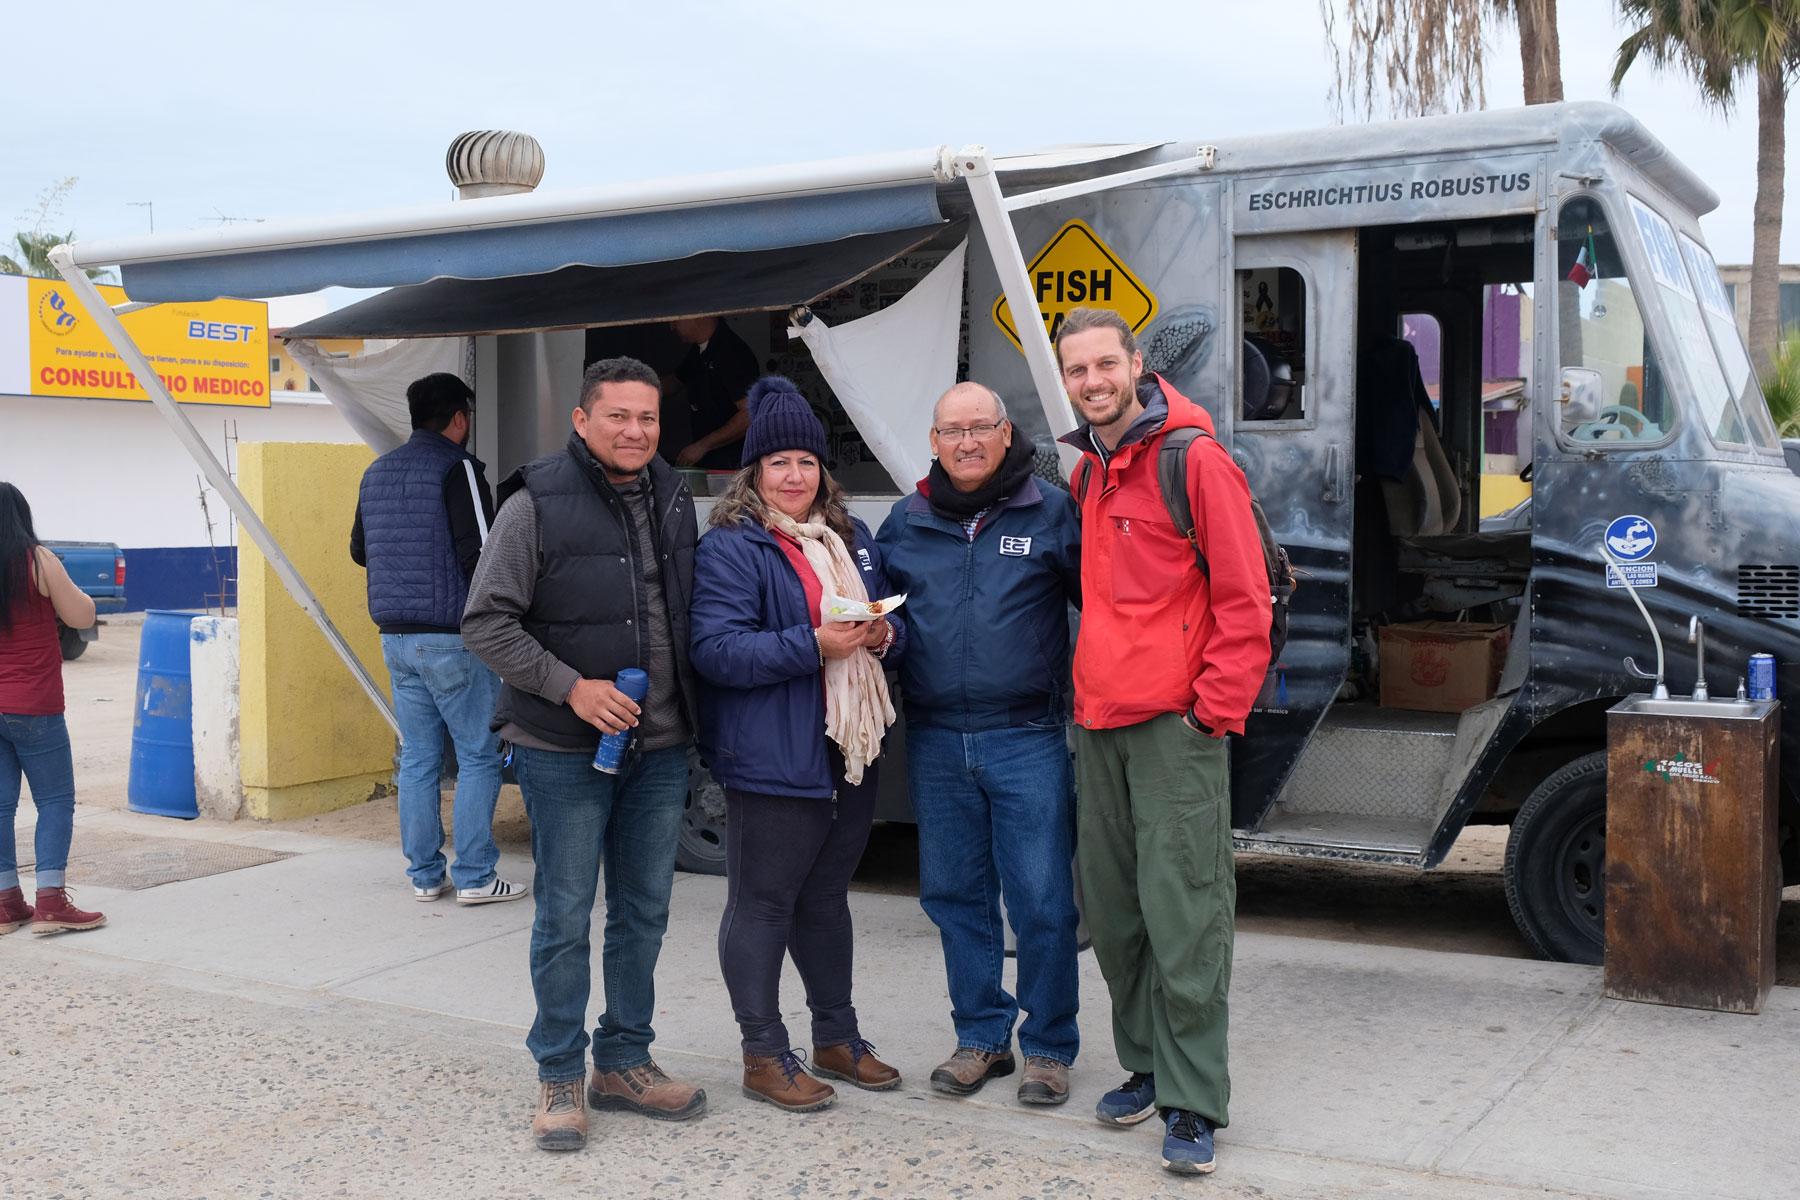 Sebastian steht mit unserem Couchsurfing-Gastgeber Fernando, dessen Tochter und ihrem Mann vor einem Taco-Stand